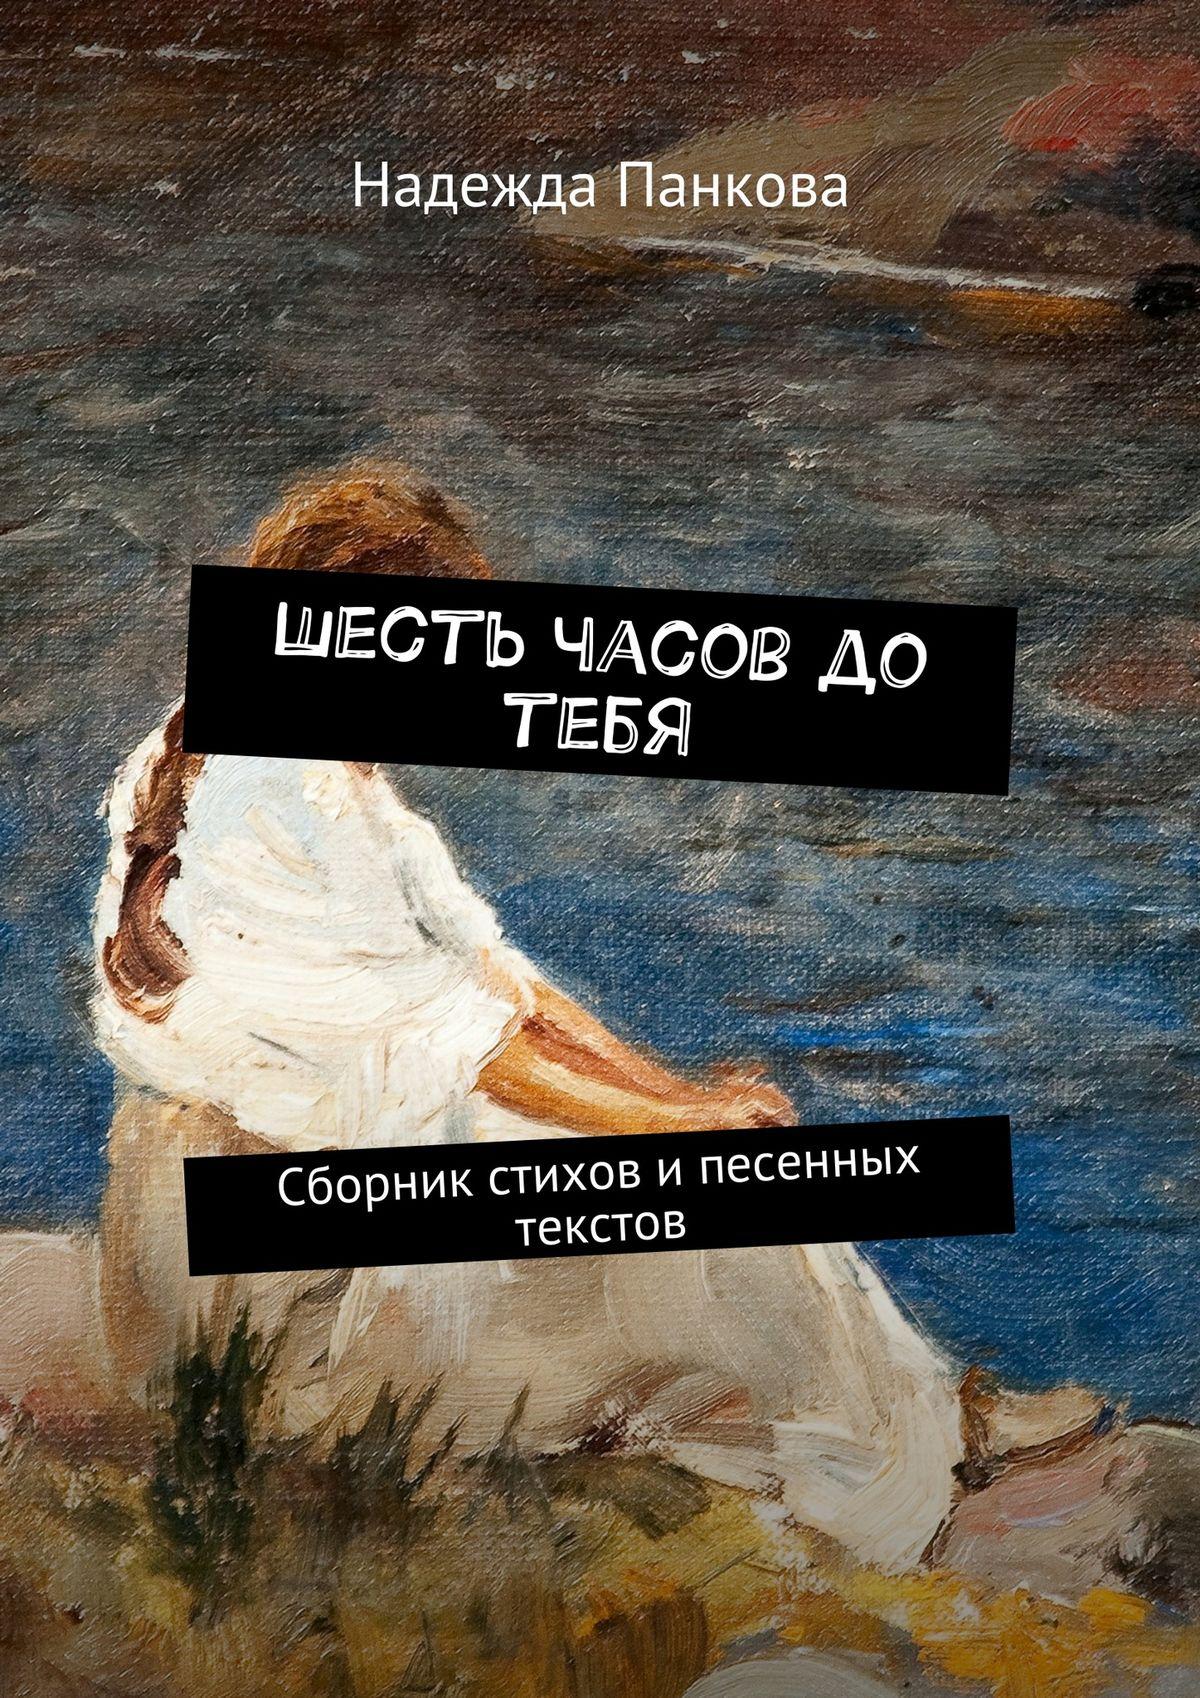 Надежда Панкова Шесть часов до тебя. Сборник стихов ипесенных текстов